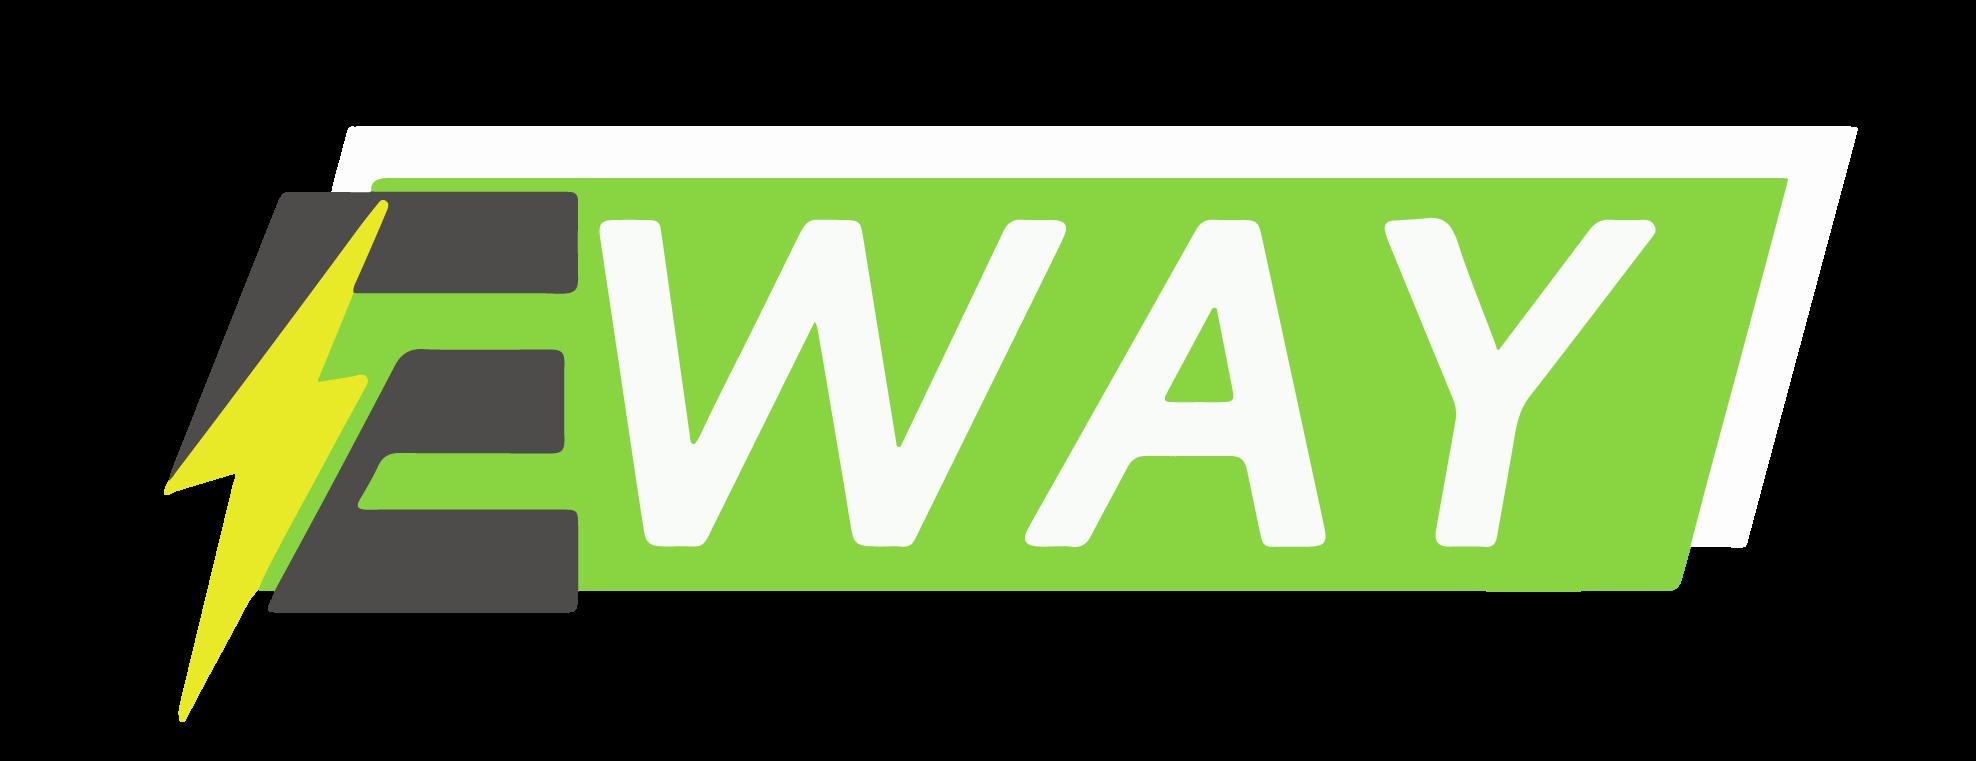 La marque EWAY a développé et mis au point différents scooter électriques équivalents 49 cm3 en respectant toujours ses principes et ses valeurs